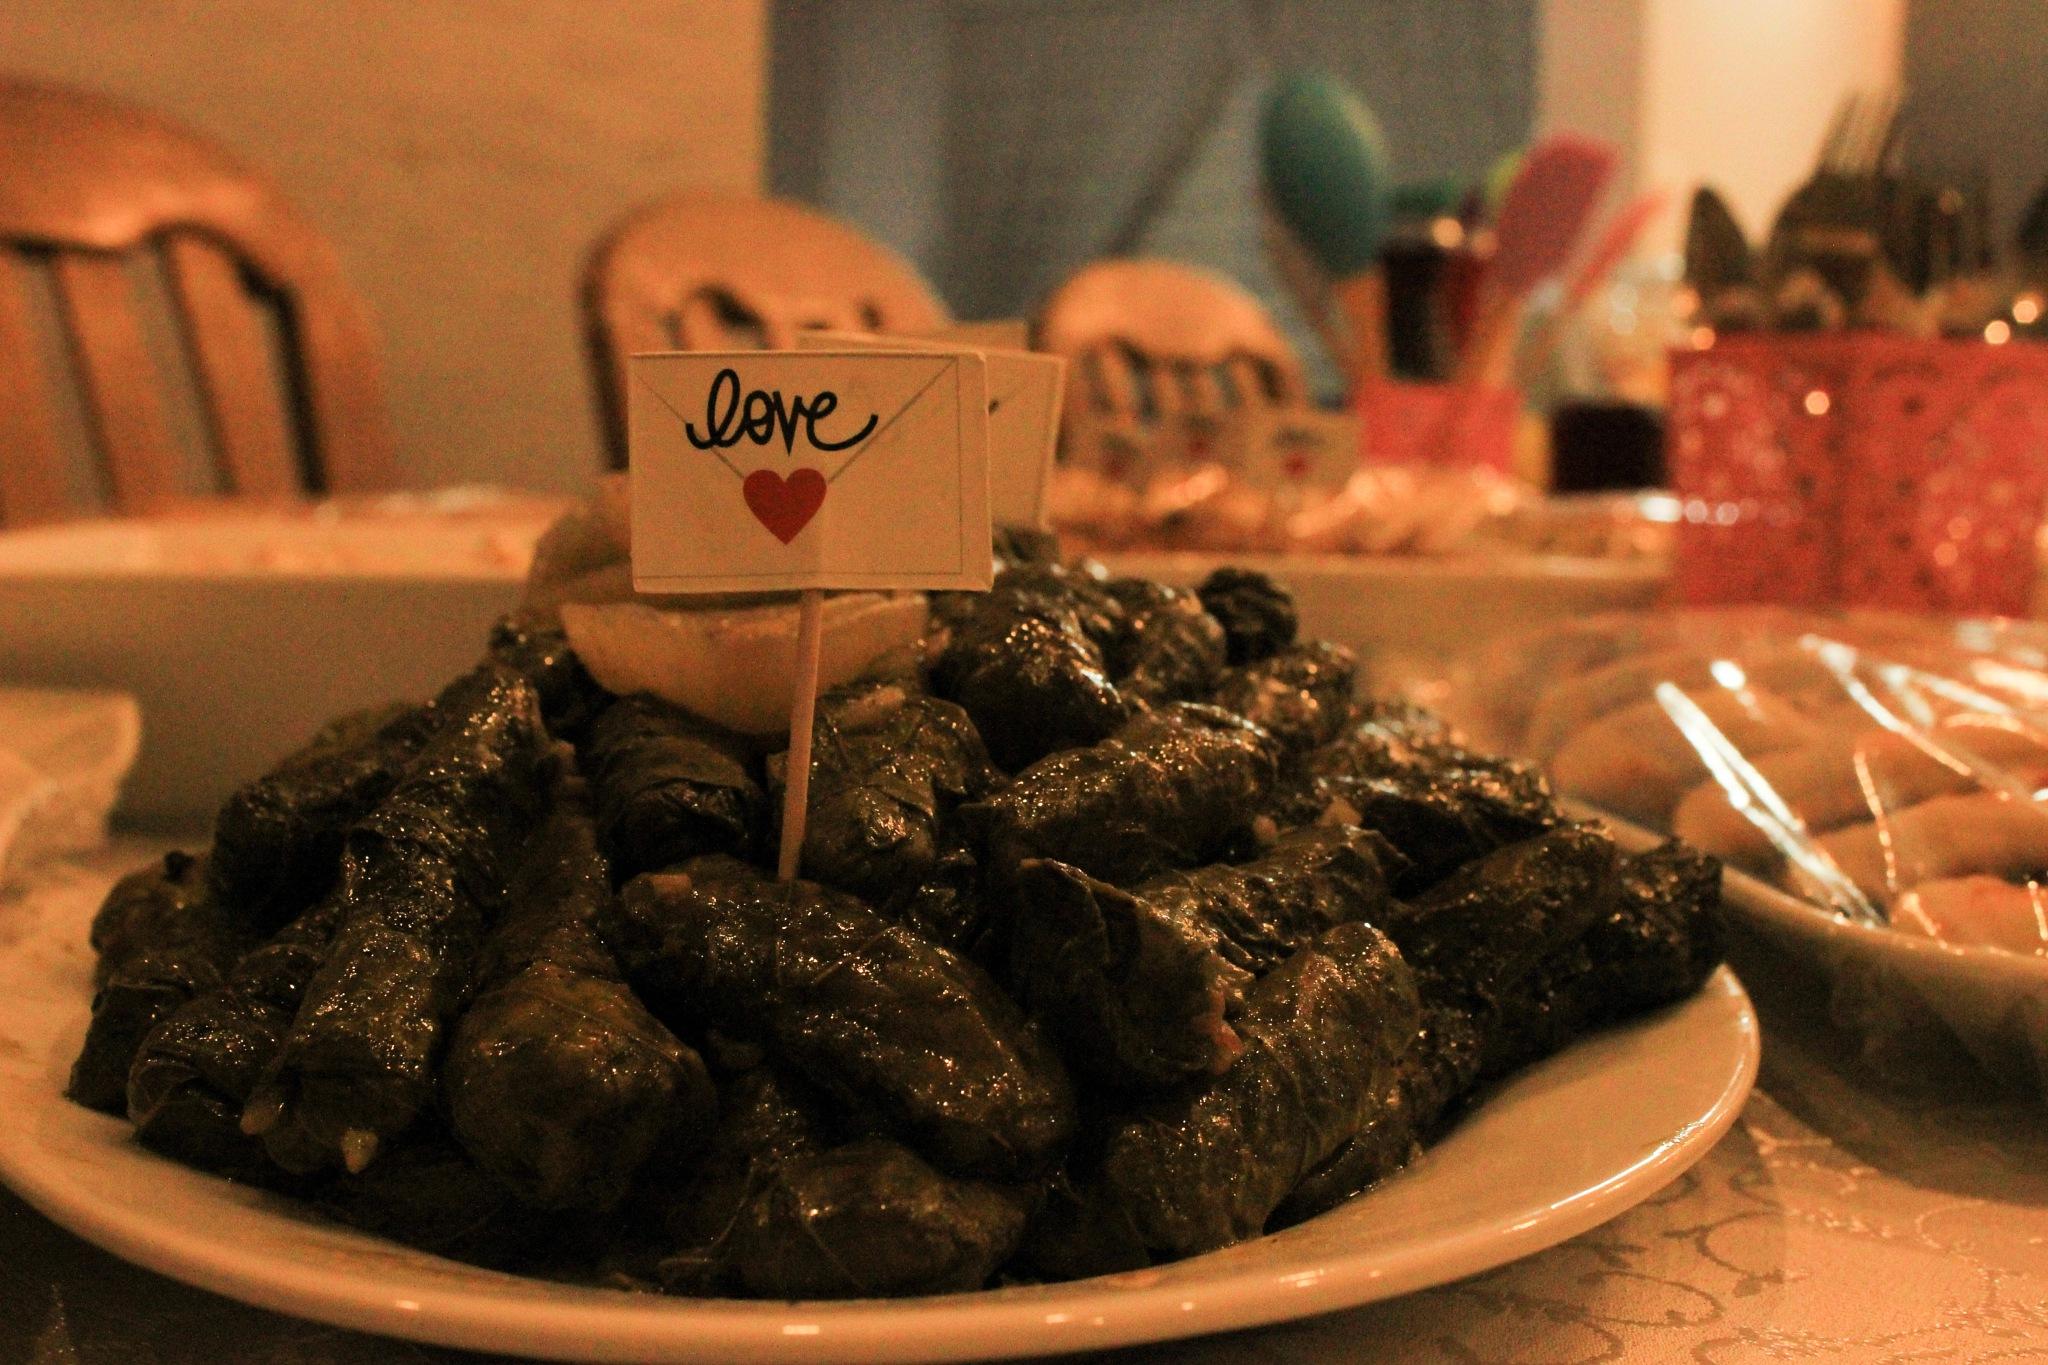 Food by Mahmoud Snounu